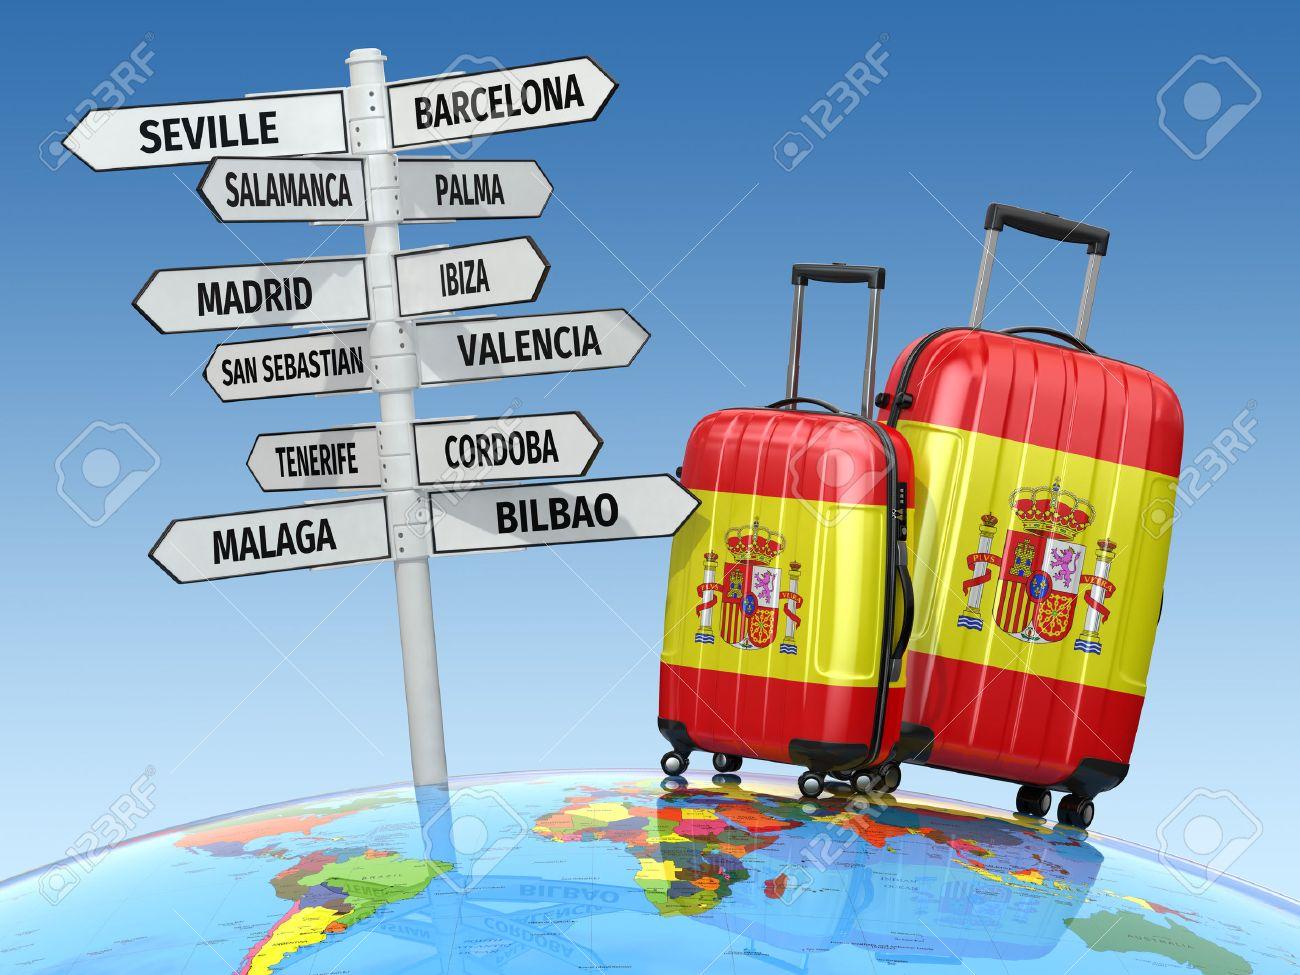 პიკის საათი - ესპანეთში მოგზაურობის მსურველთათვის